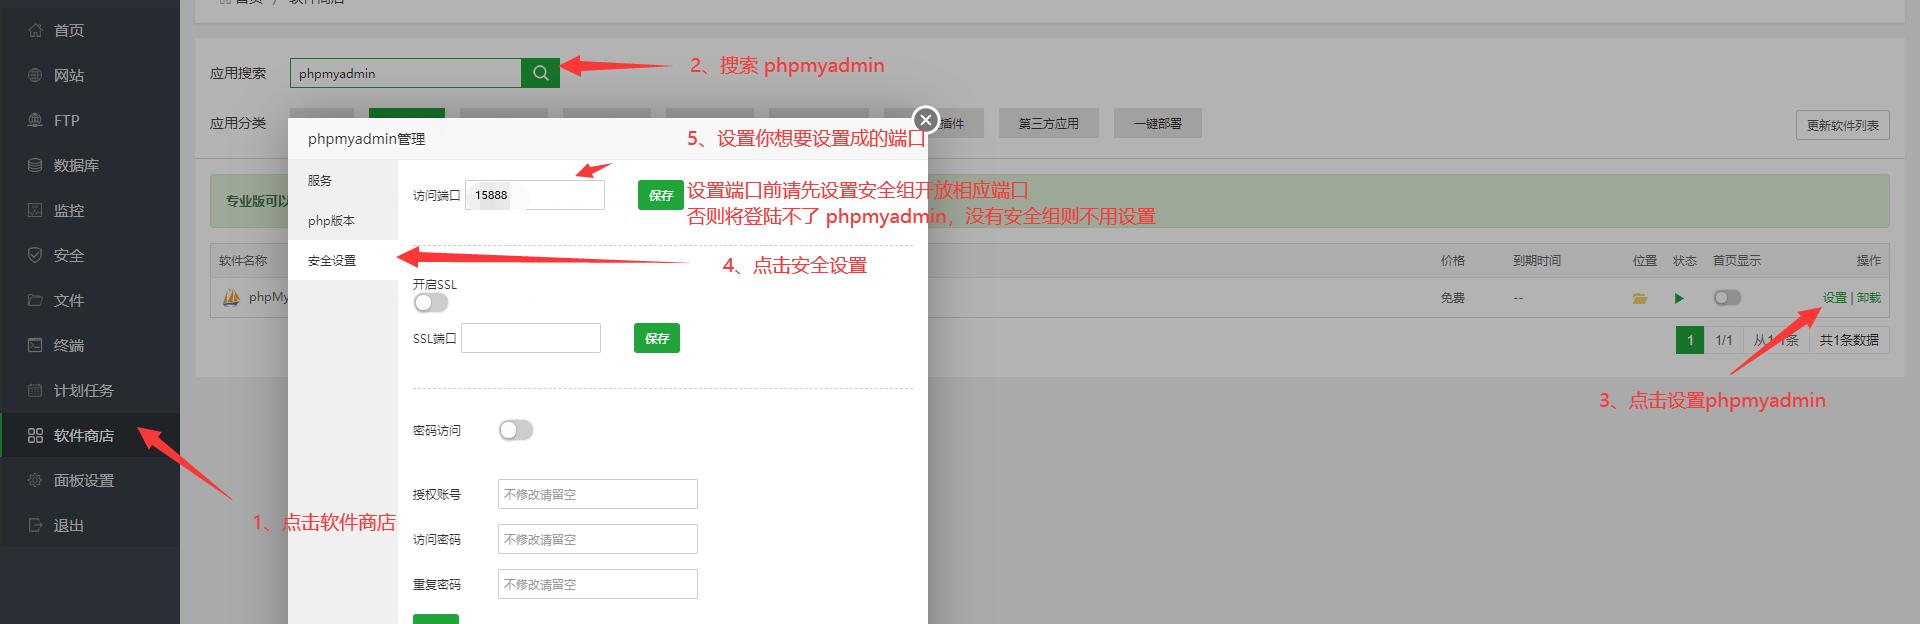 宝塔修改phpmyadmin端口